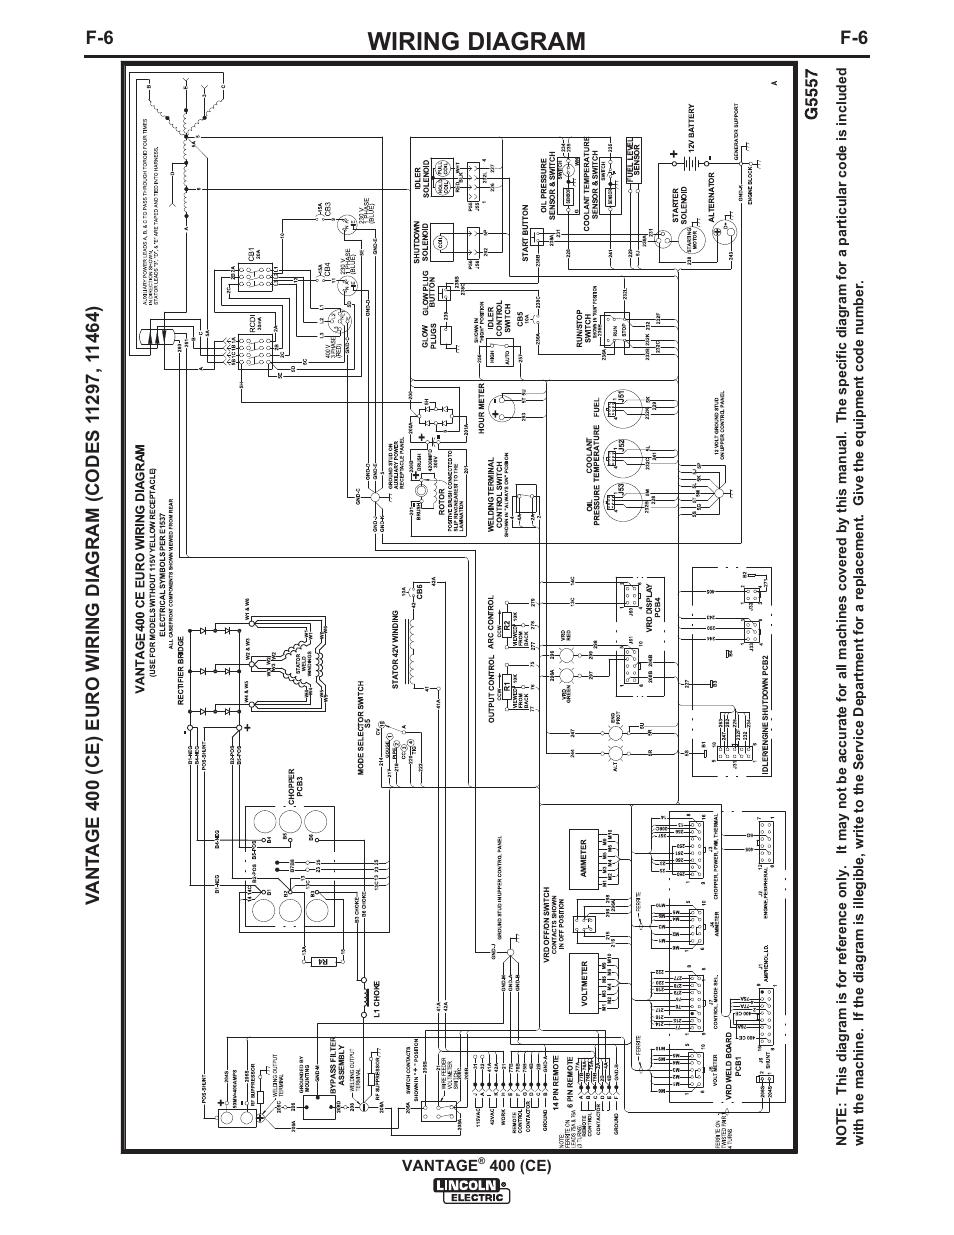 pioneer fhx700bt wiring diagram